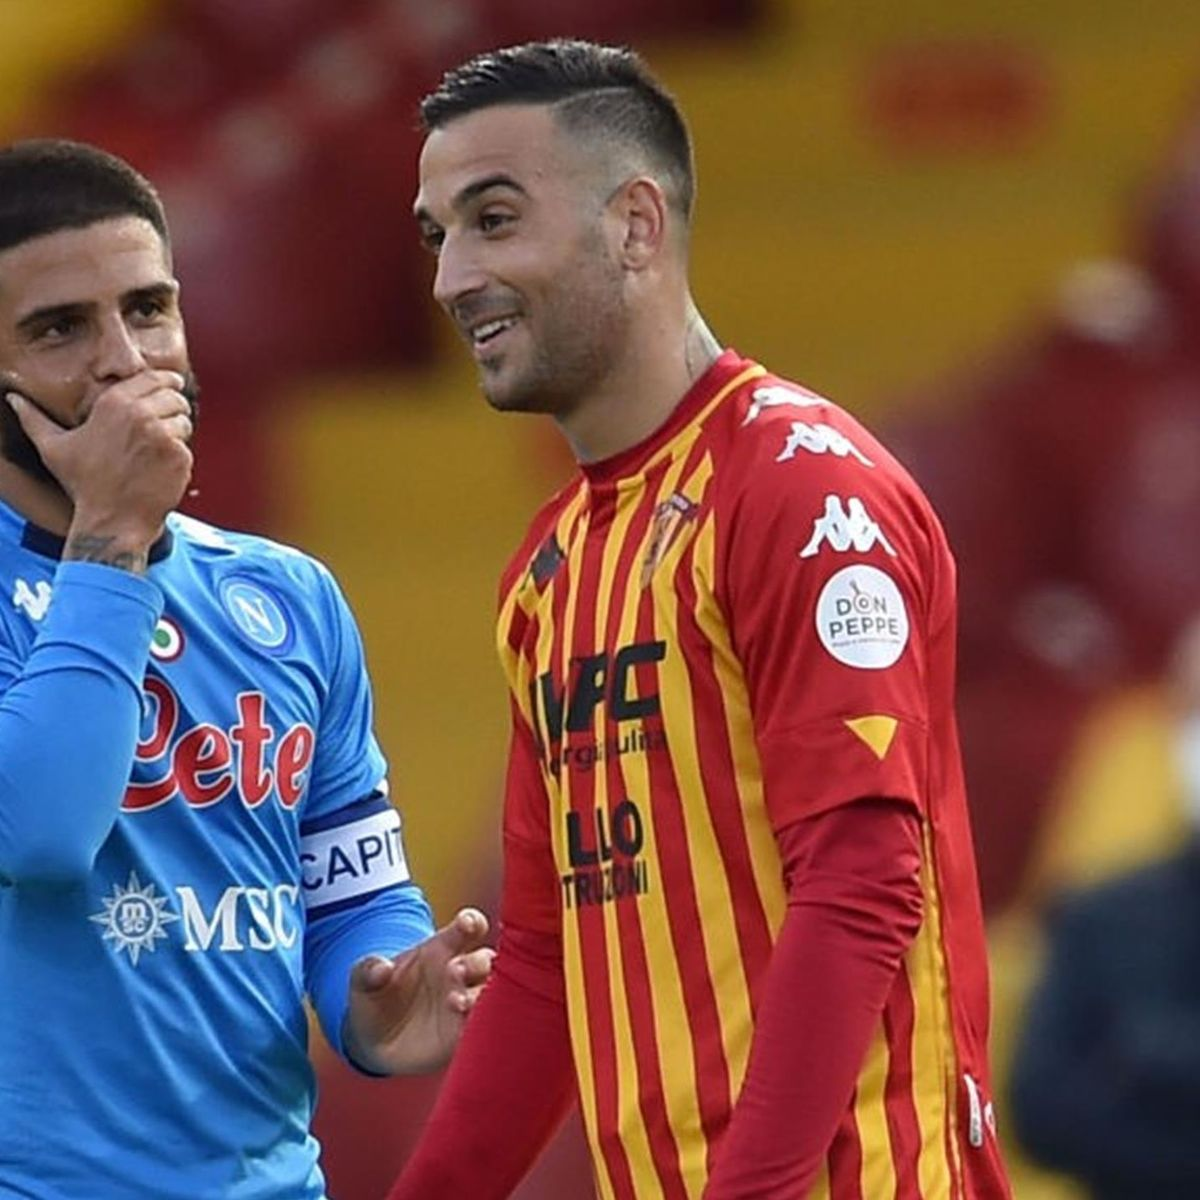 Benevento-Napoli: in gol i fratelli Roberto e Lorenzo Insigne ...